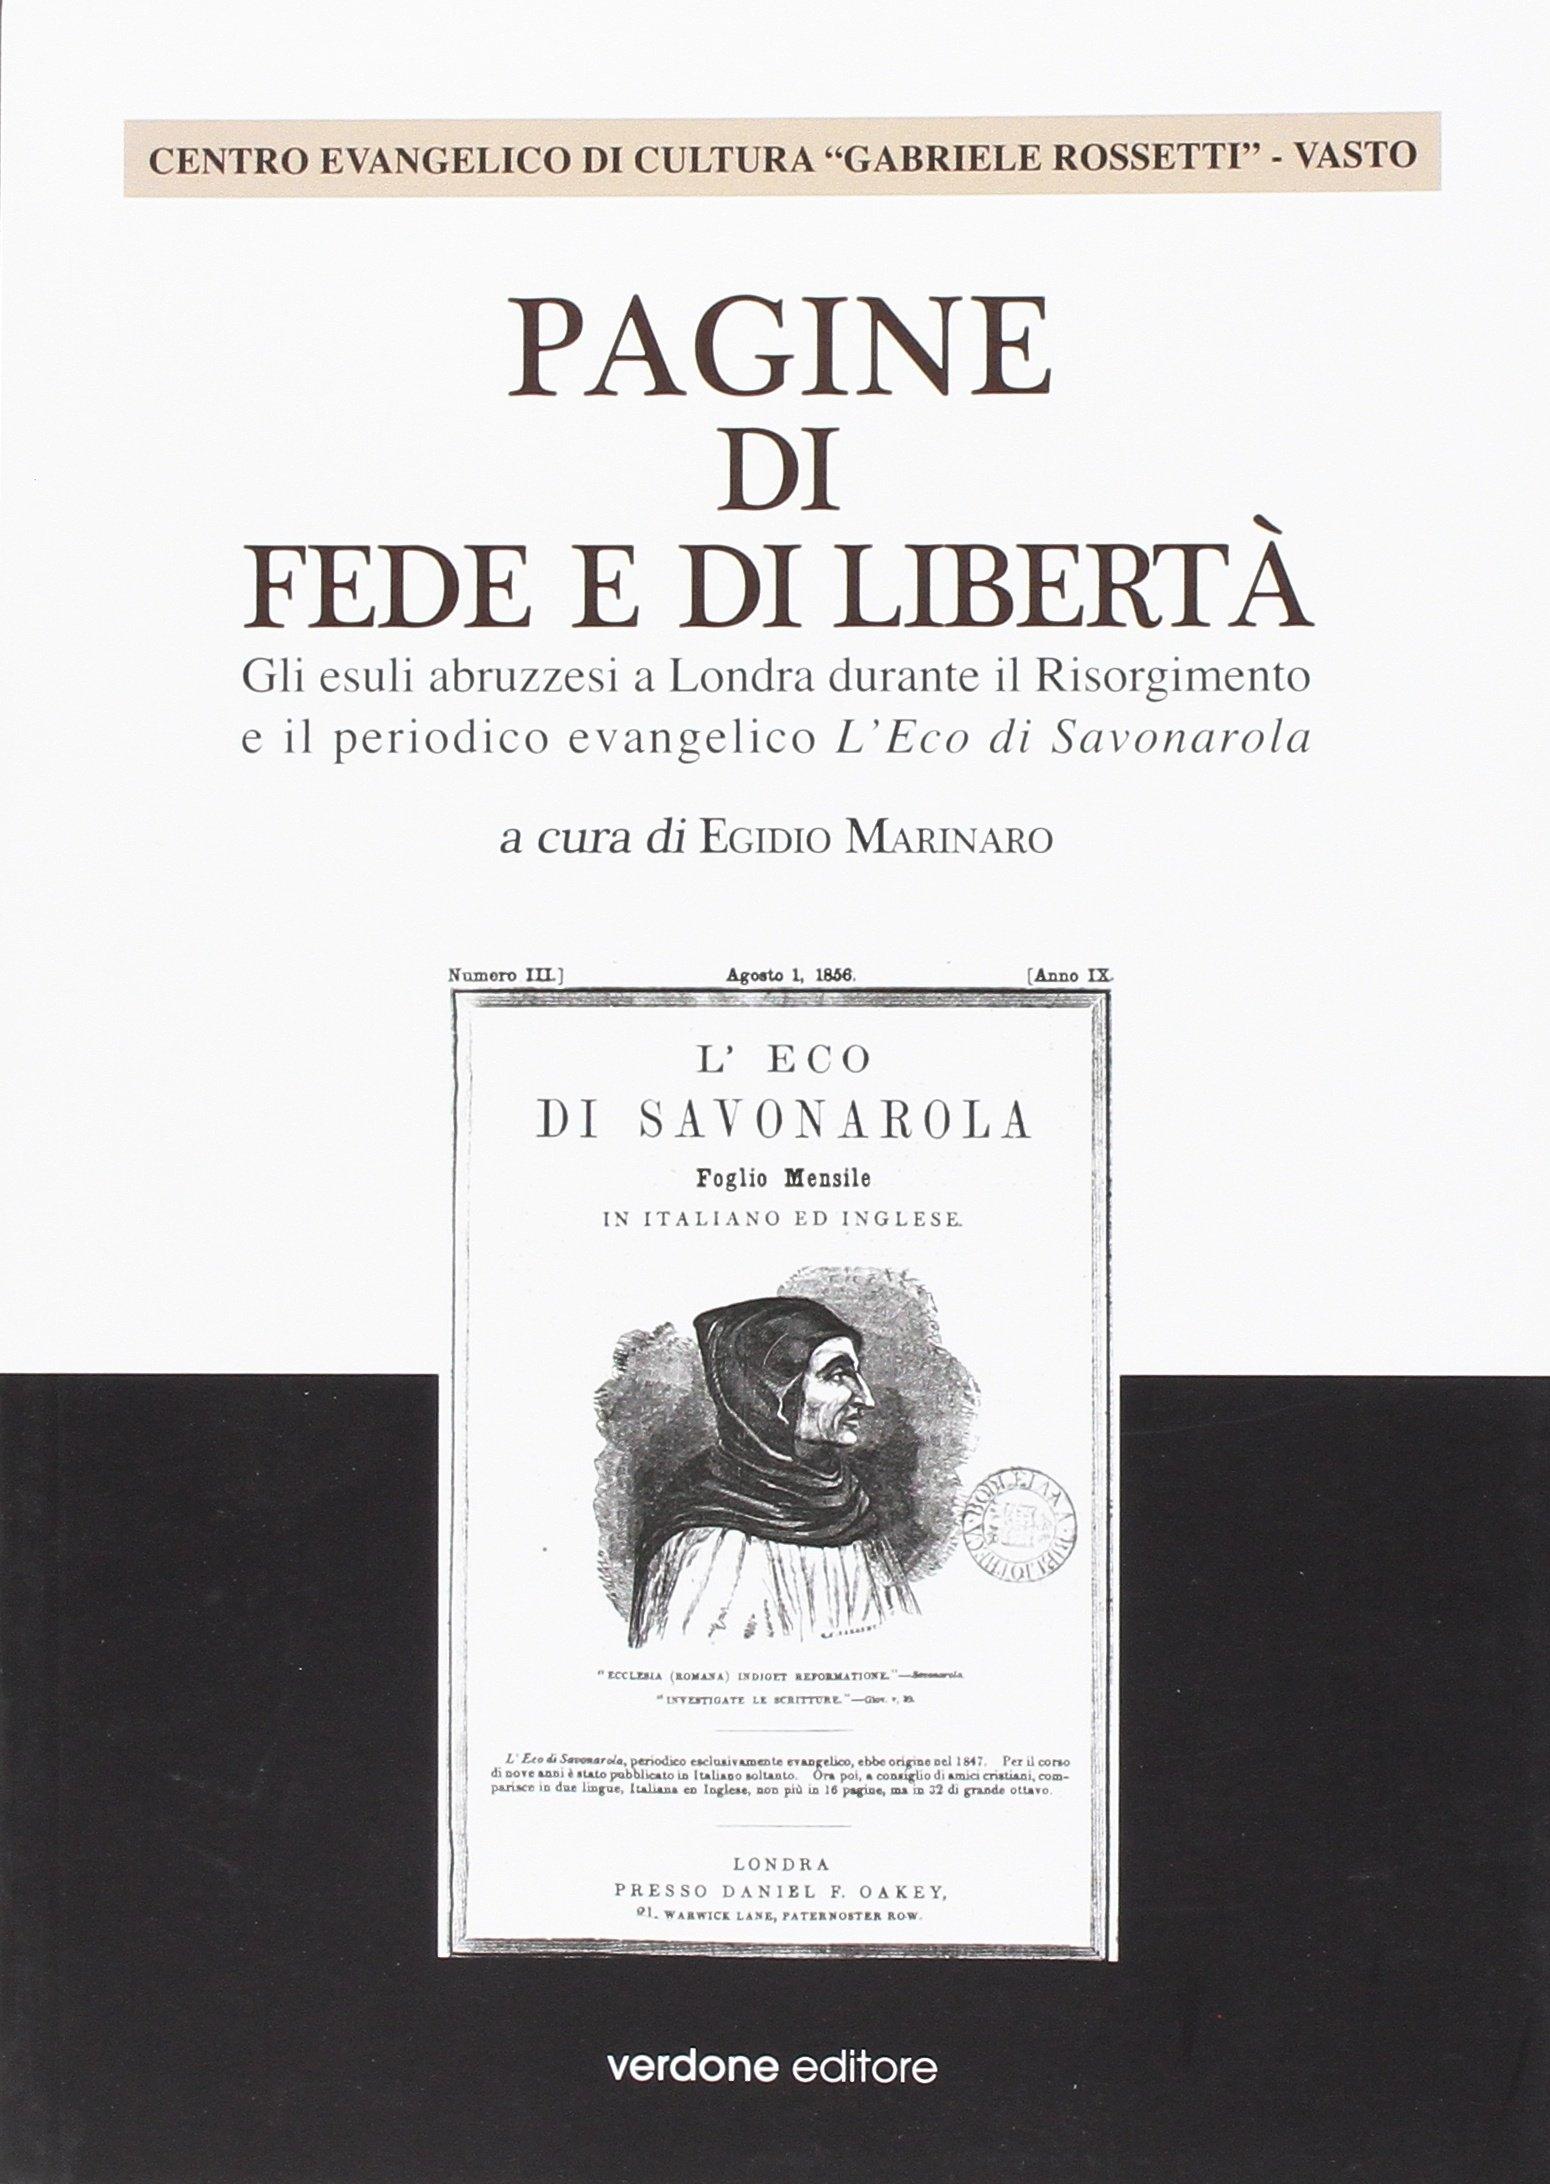 Pagine di fede e di libertà. Gli esuli abruzzesi a Londra durante il Risorgimento e il periodico evangelico l'Eco di Savonarola